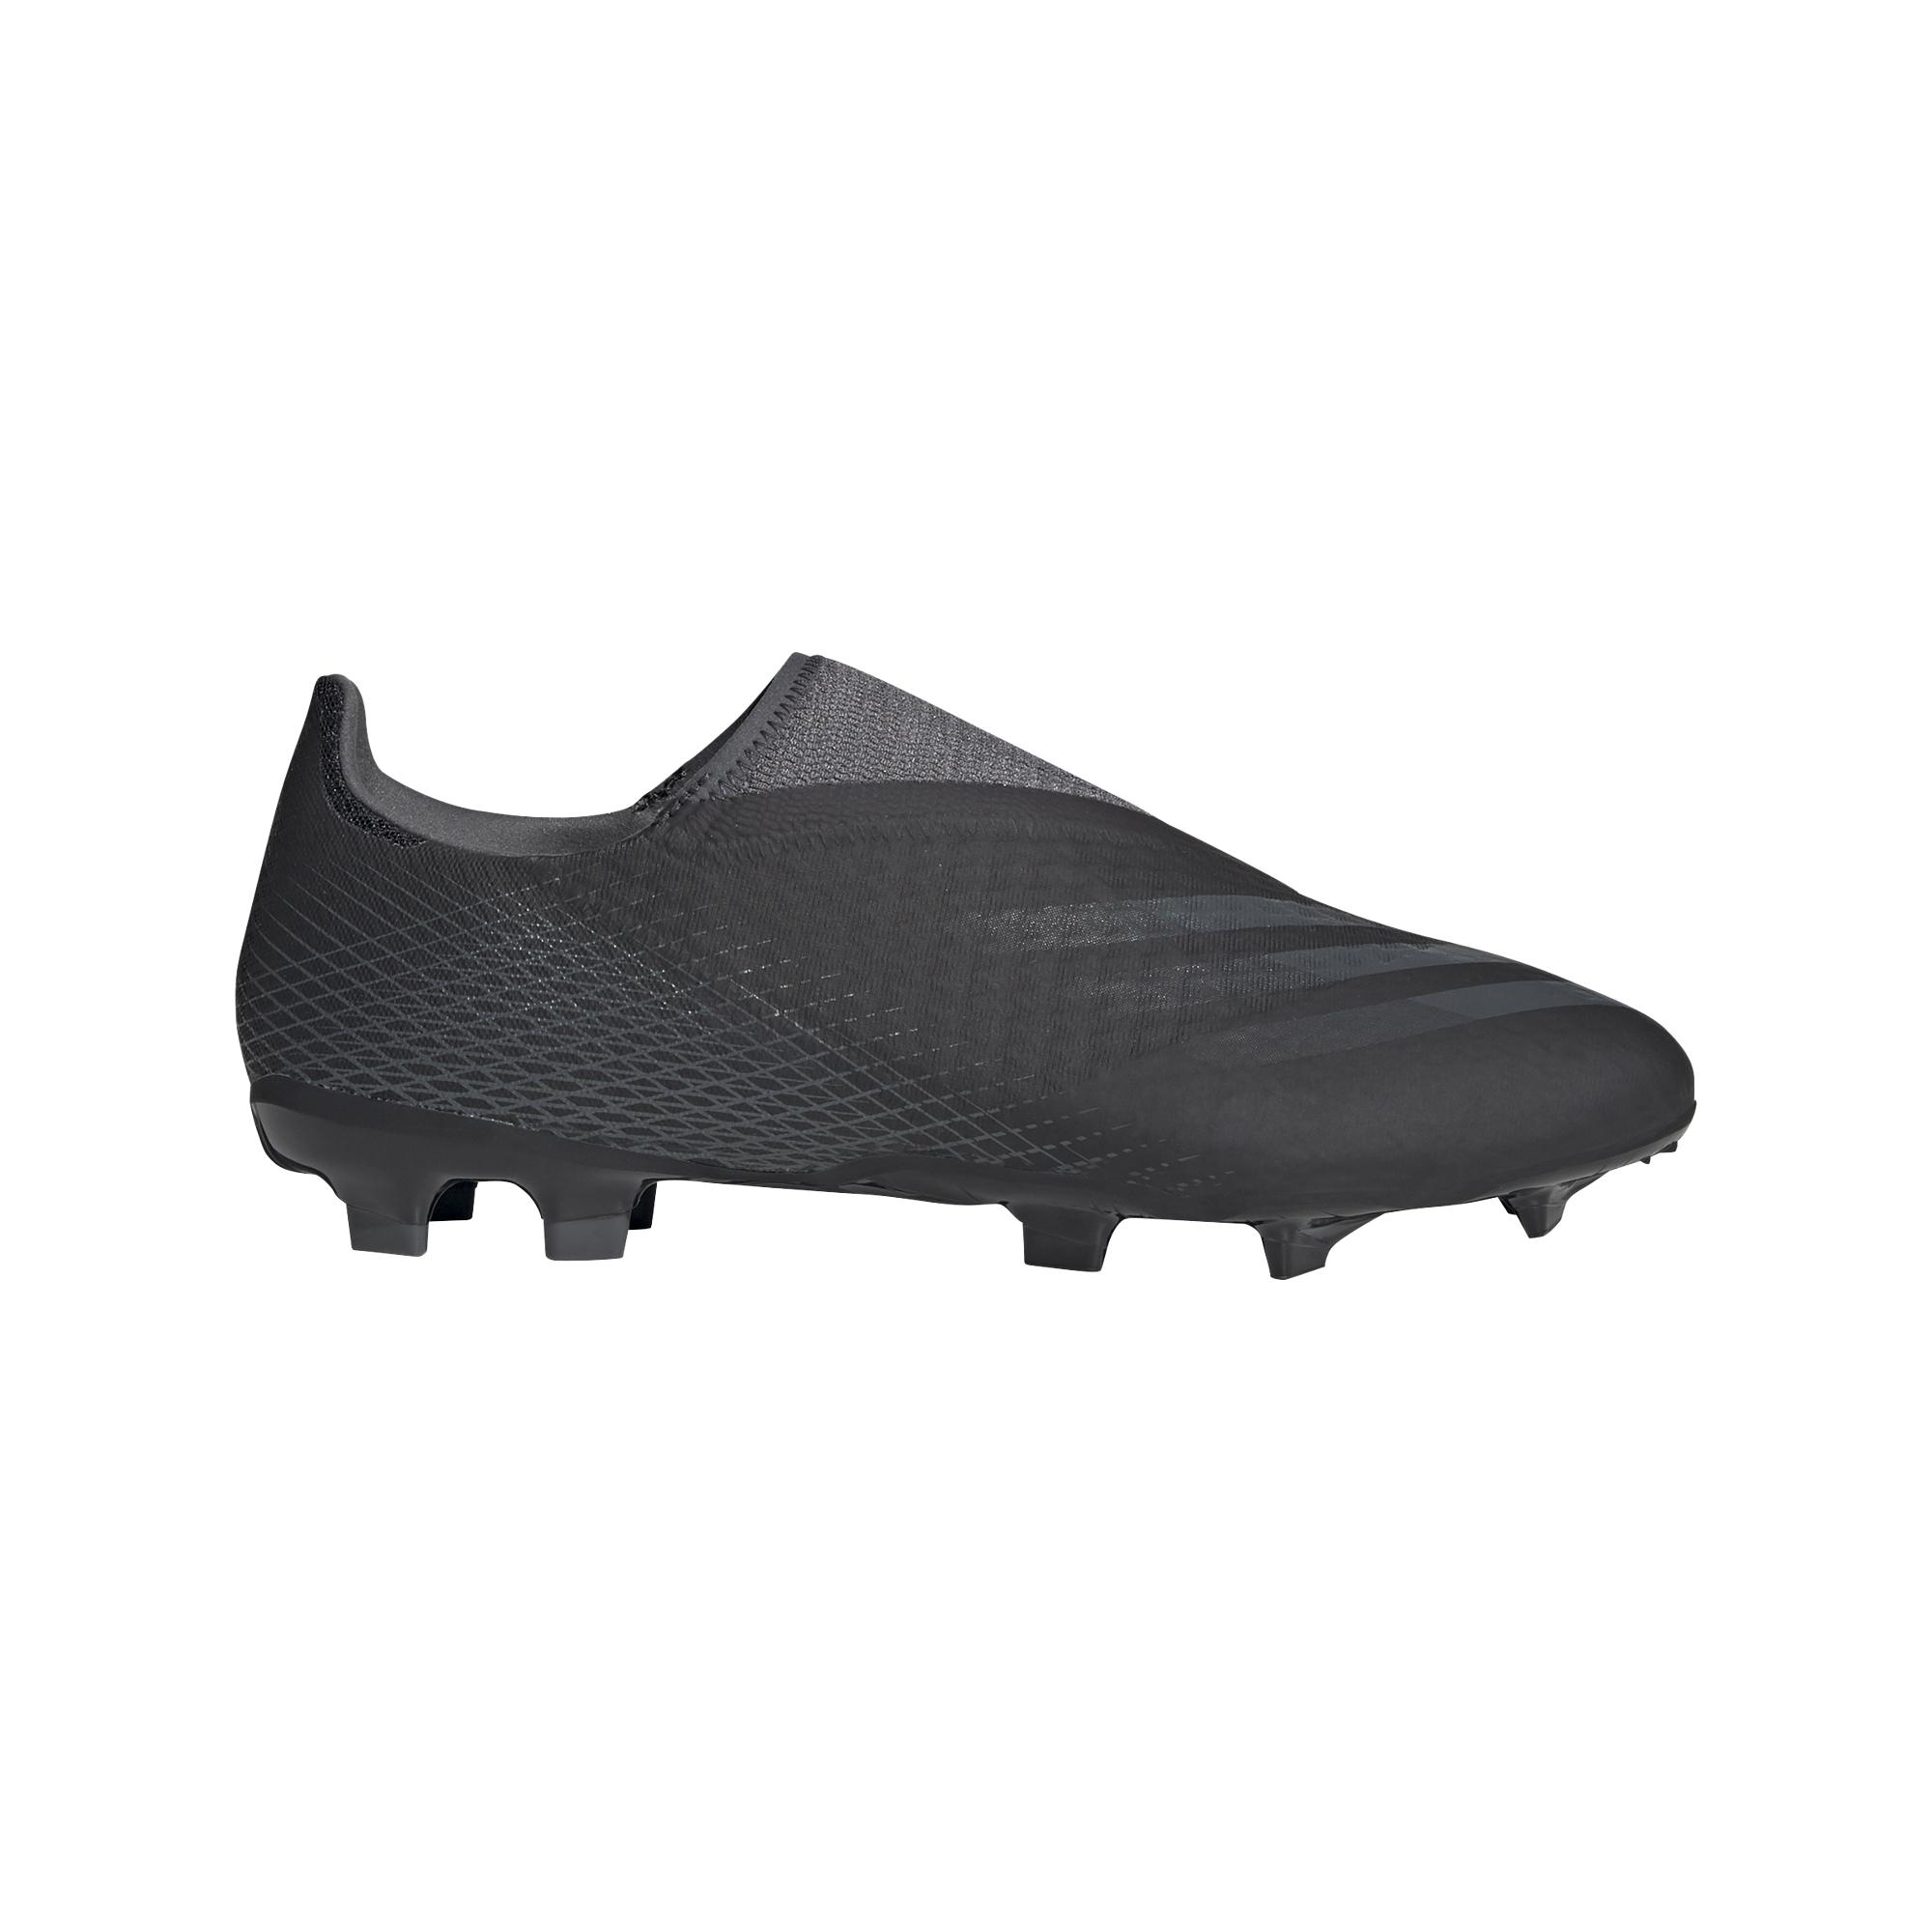 Adidas Scarpe Calcio X Ghosted.3 Ll Fg